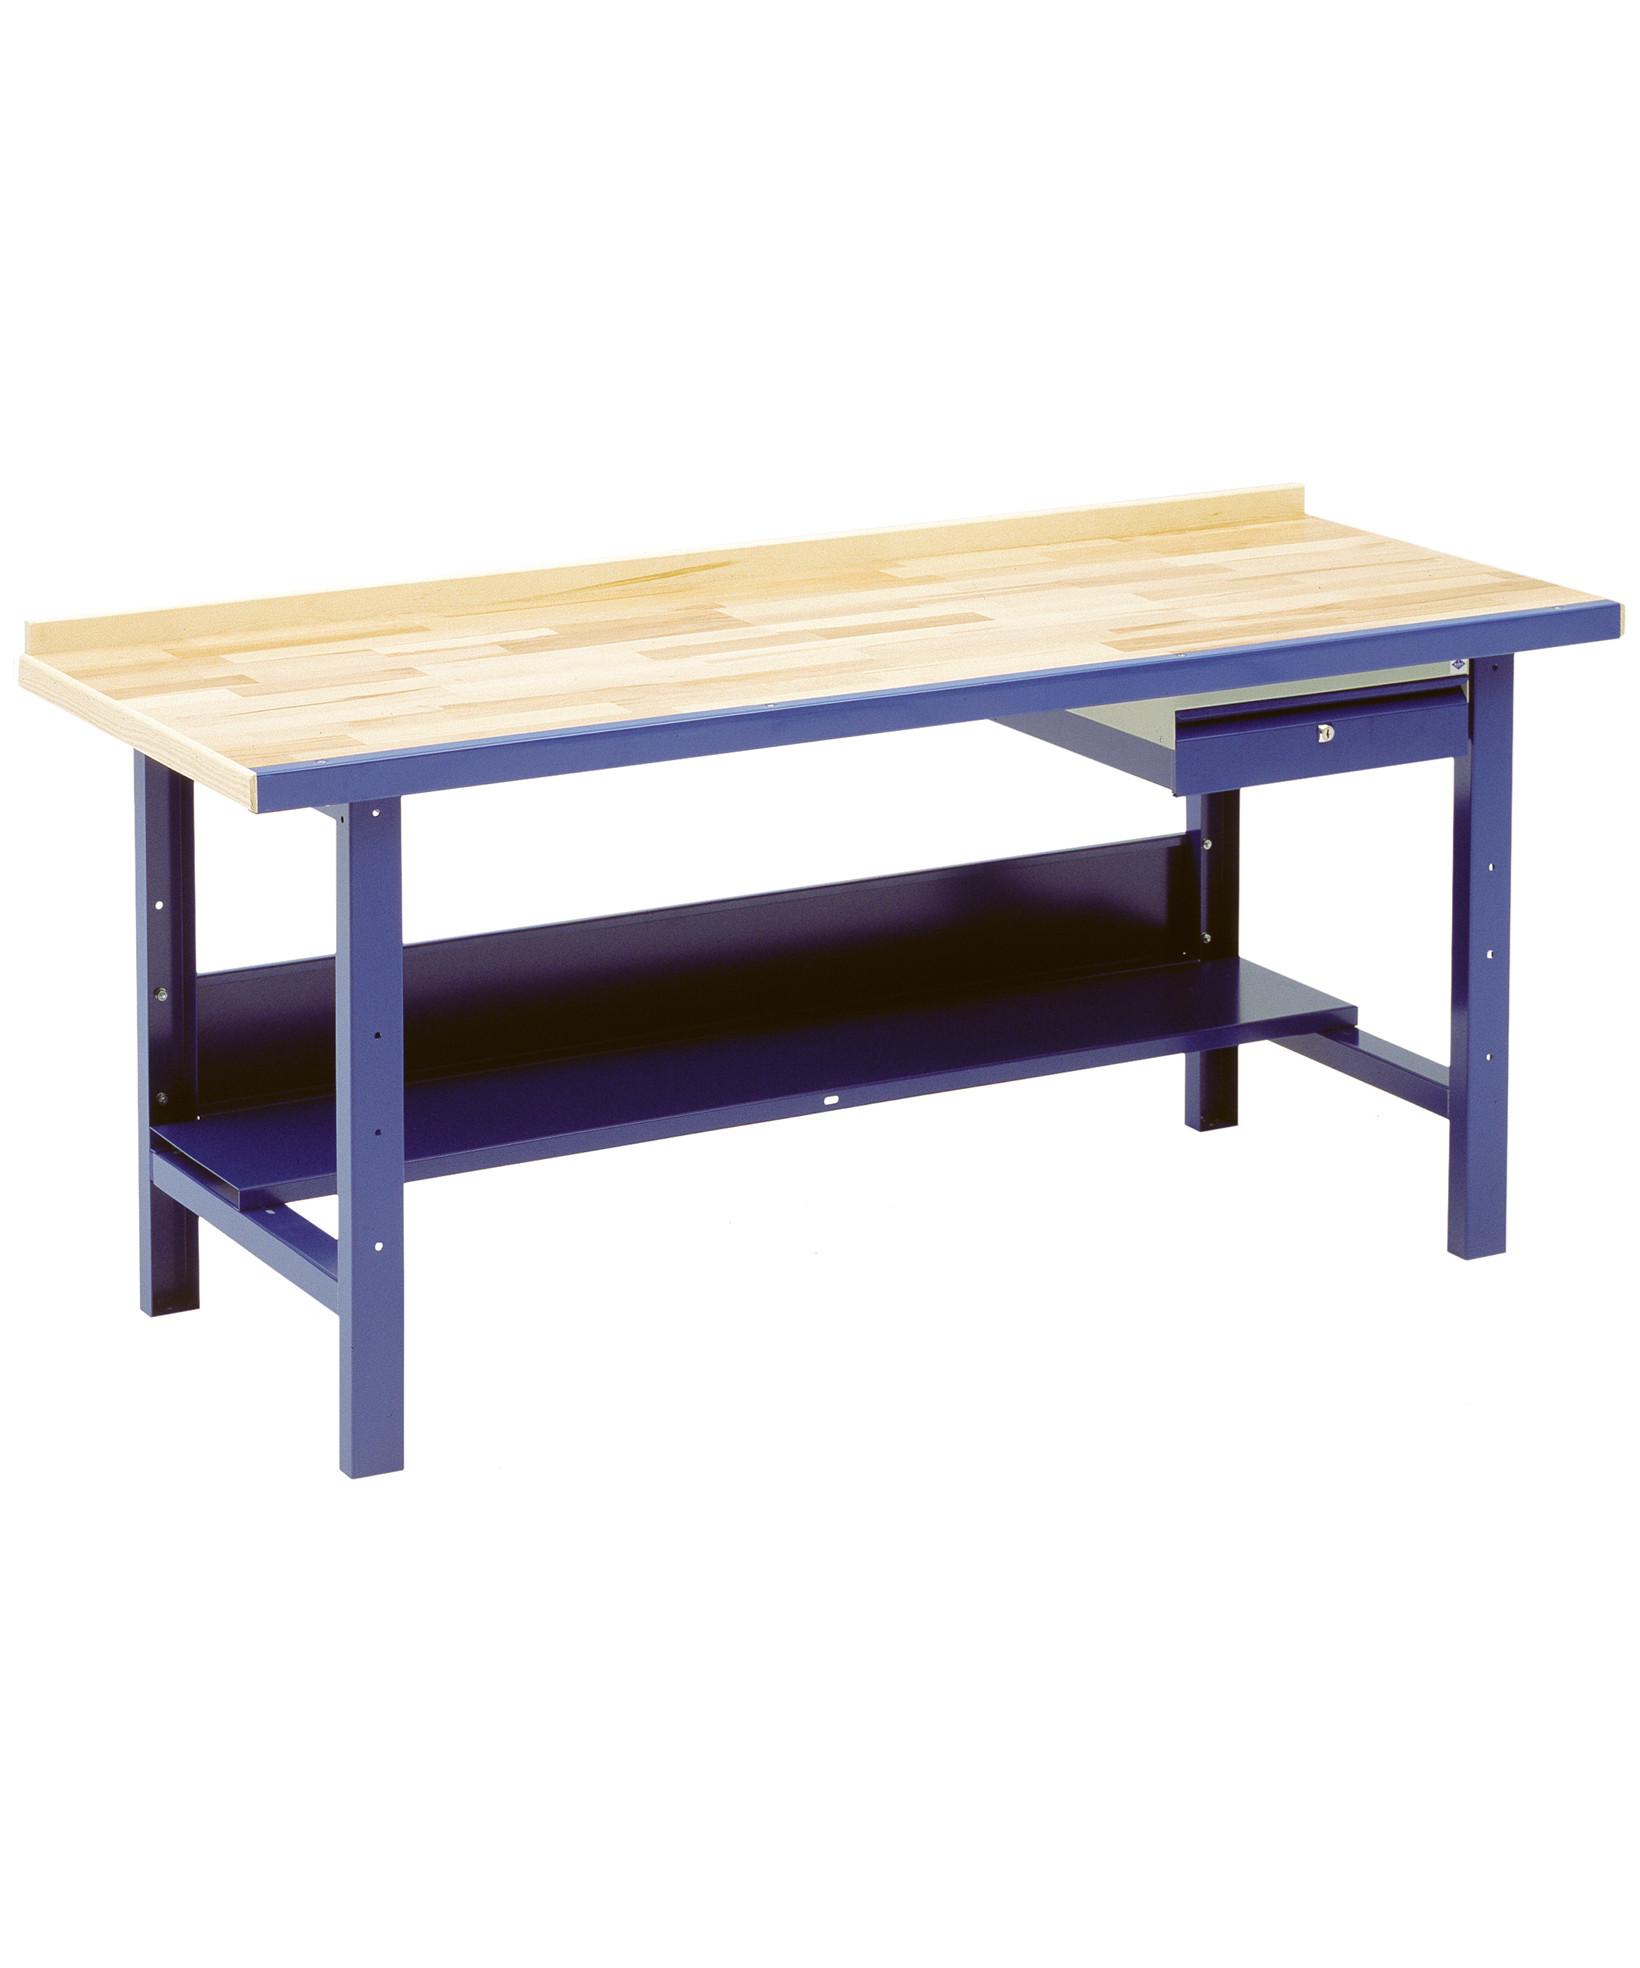 Blika VBB værkstedsbord 2,0 mtr. m/ skuffe og hylde